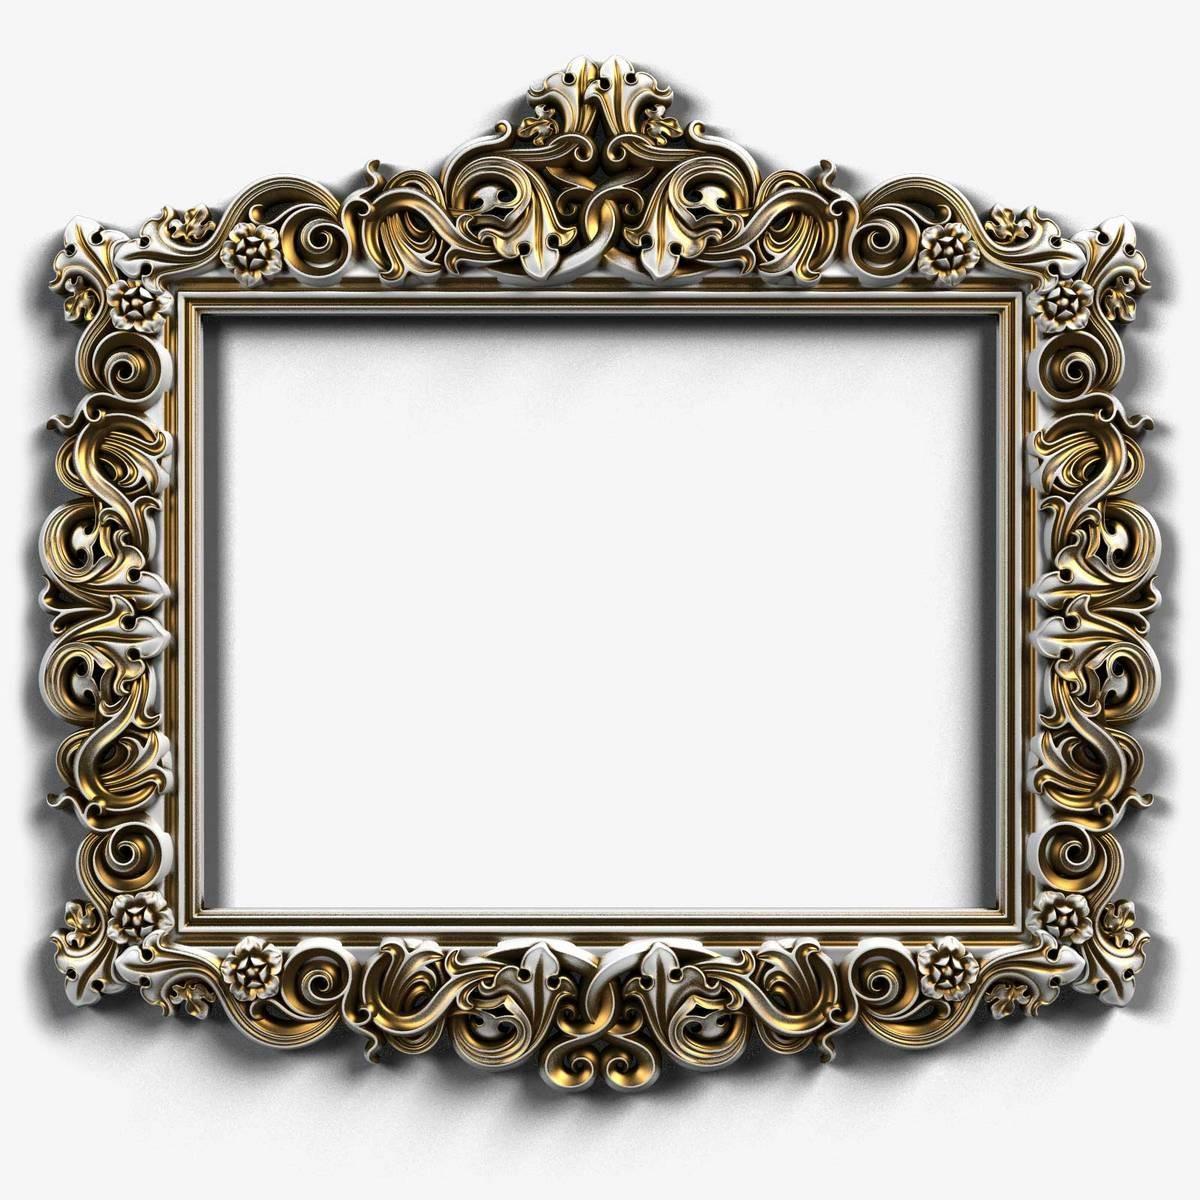 Frame06_Render01.jpg